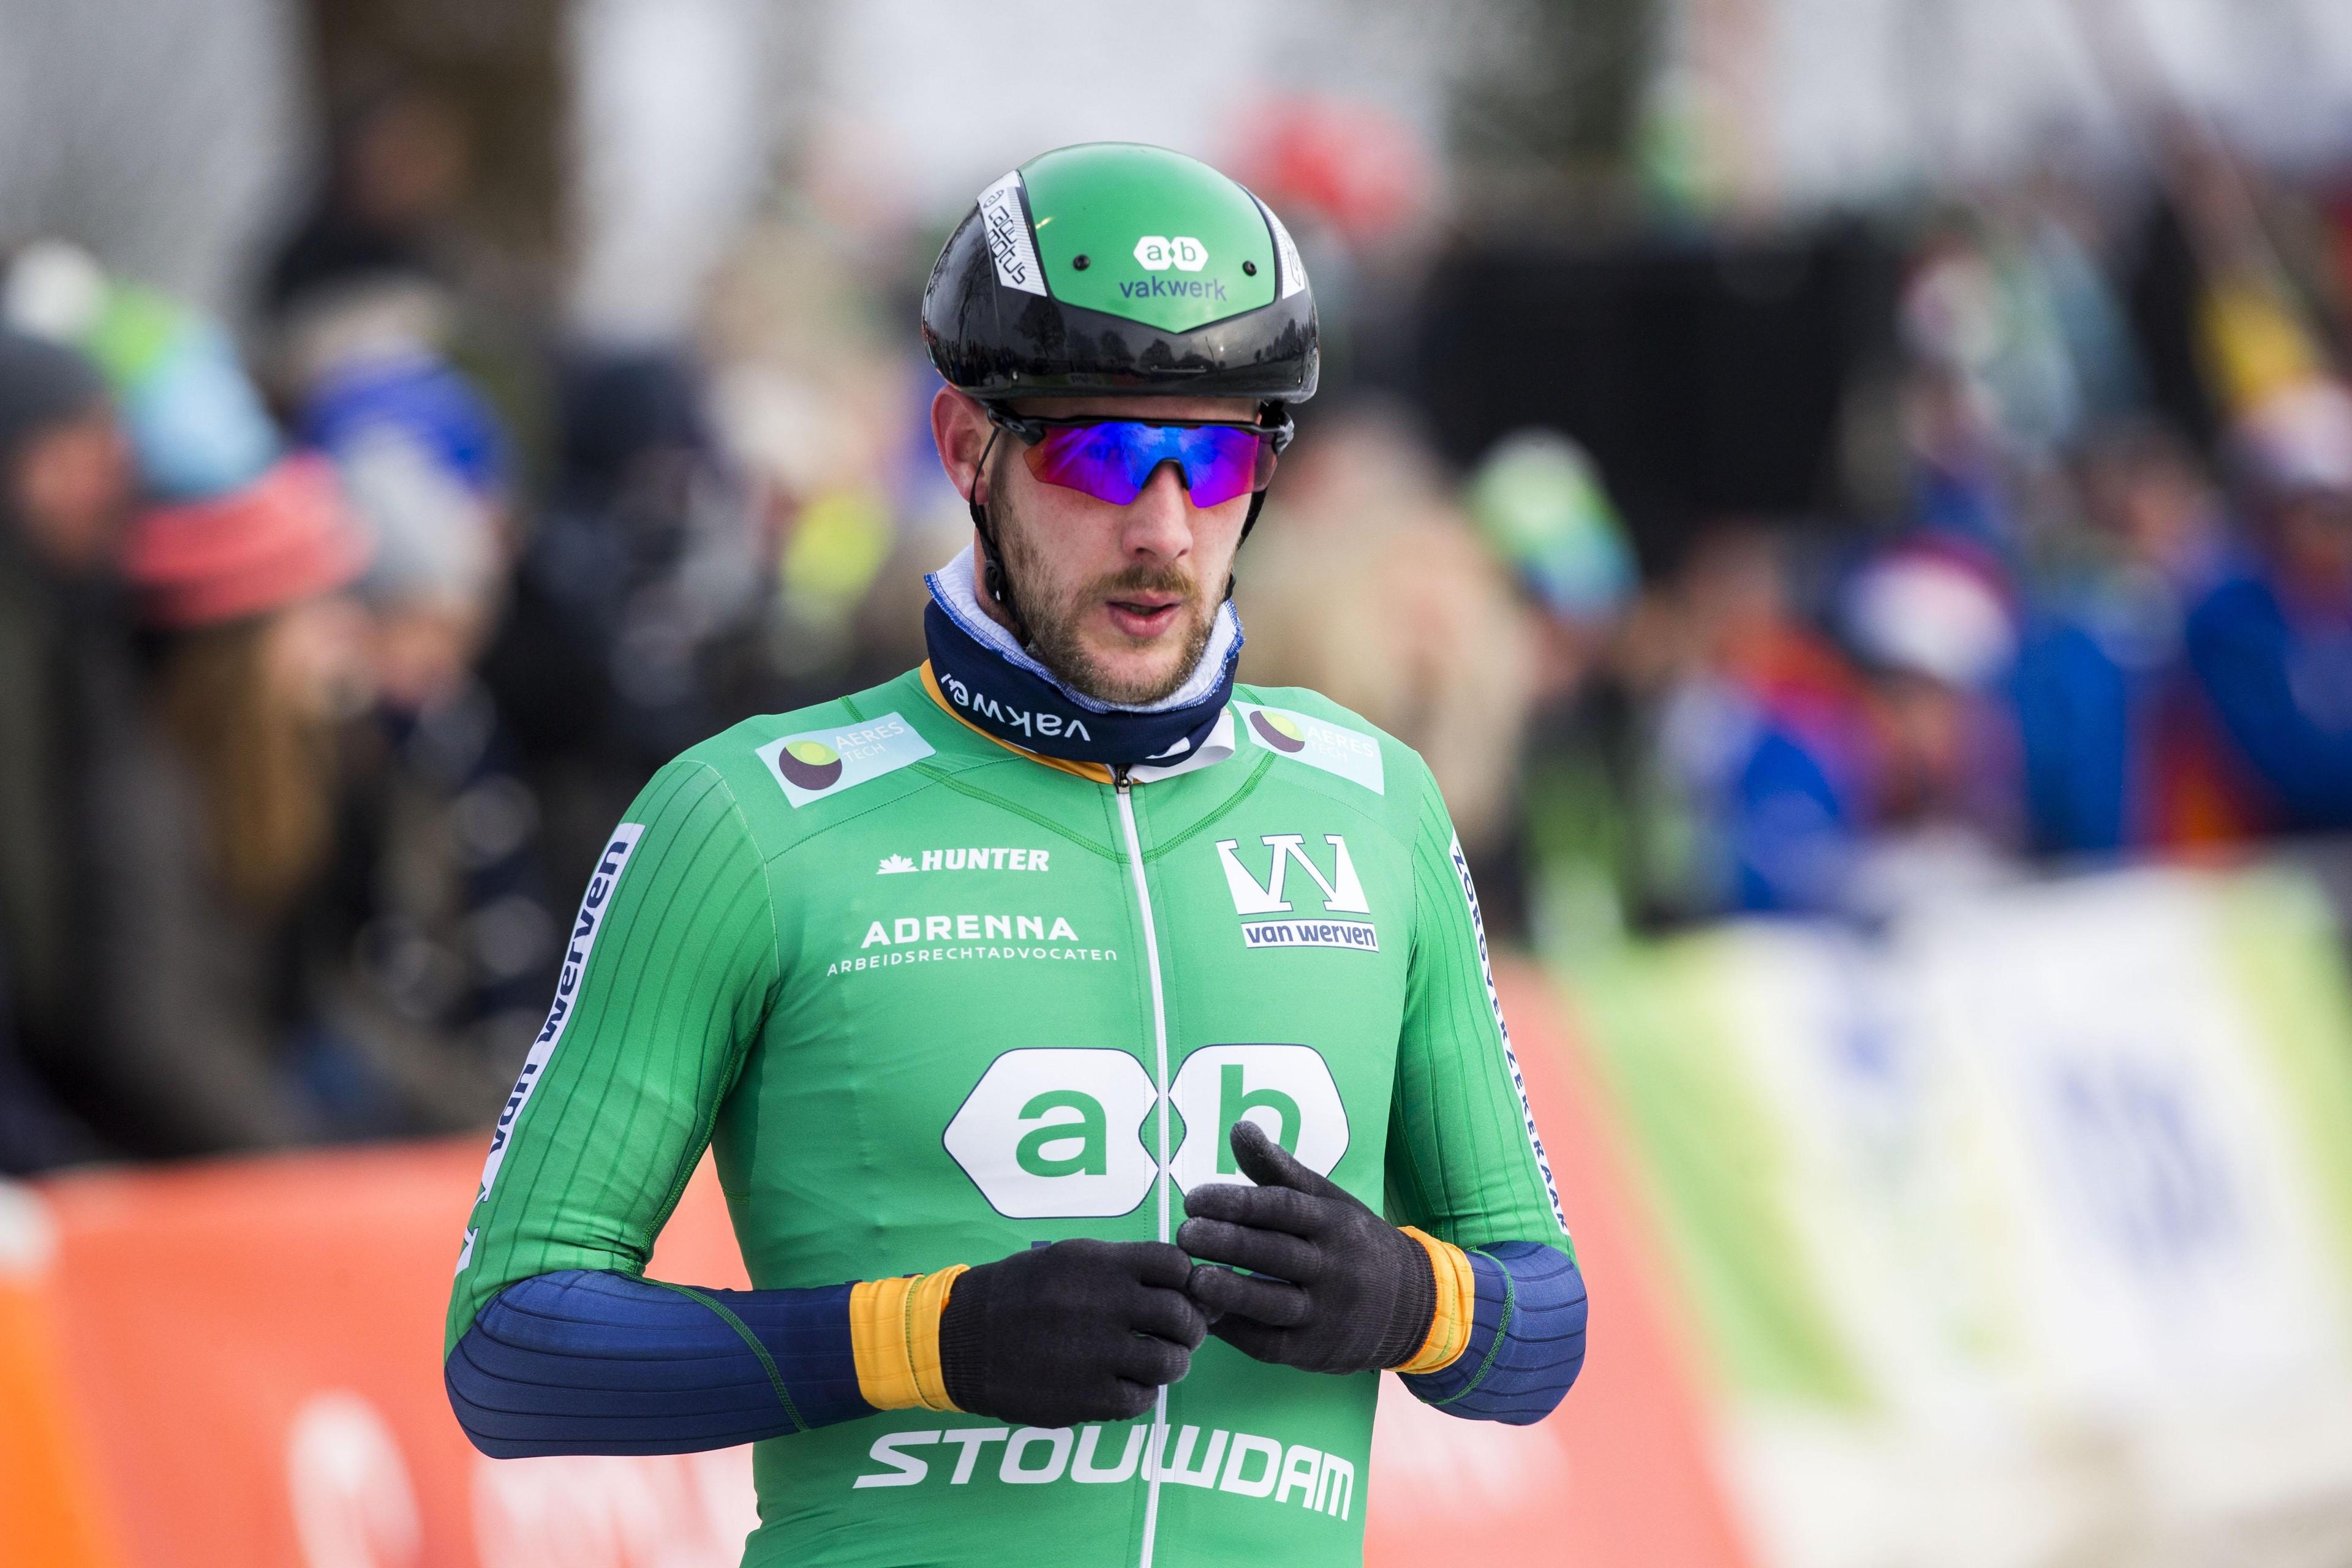 Gary Hekman wint schaatsmarathon in Haarlem - Haarlems Dagblad